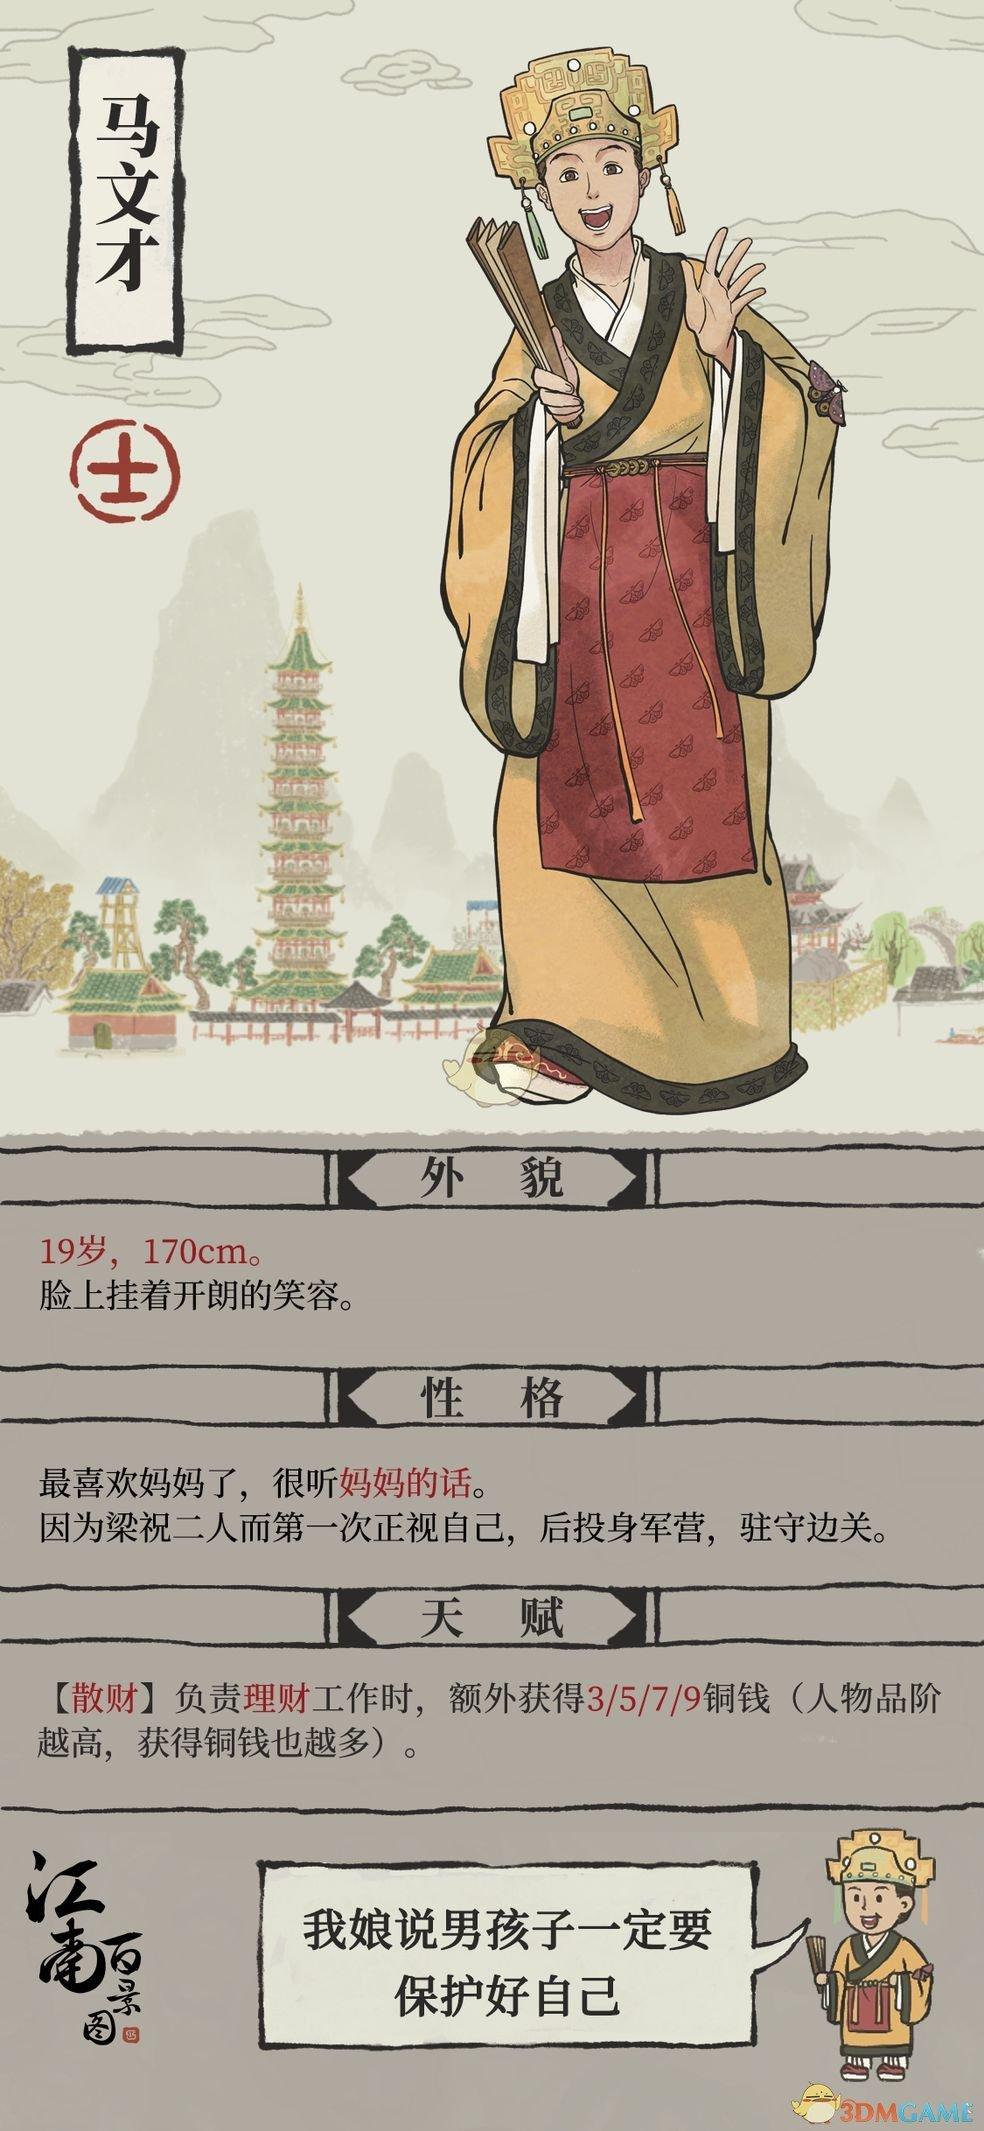 《江南百景图》说小马哥可爱原因